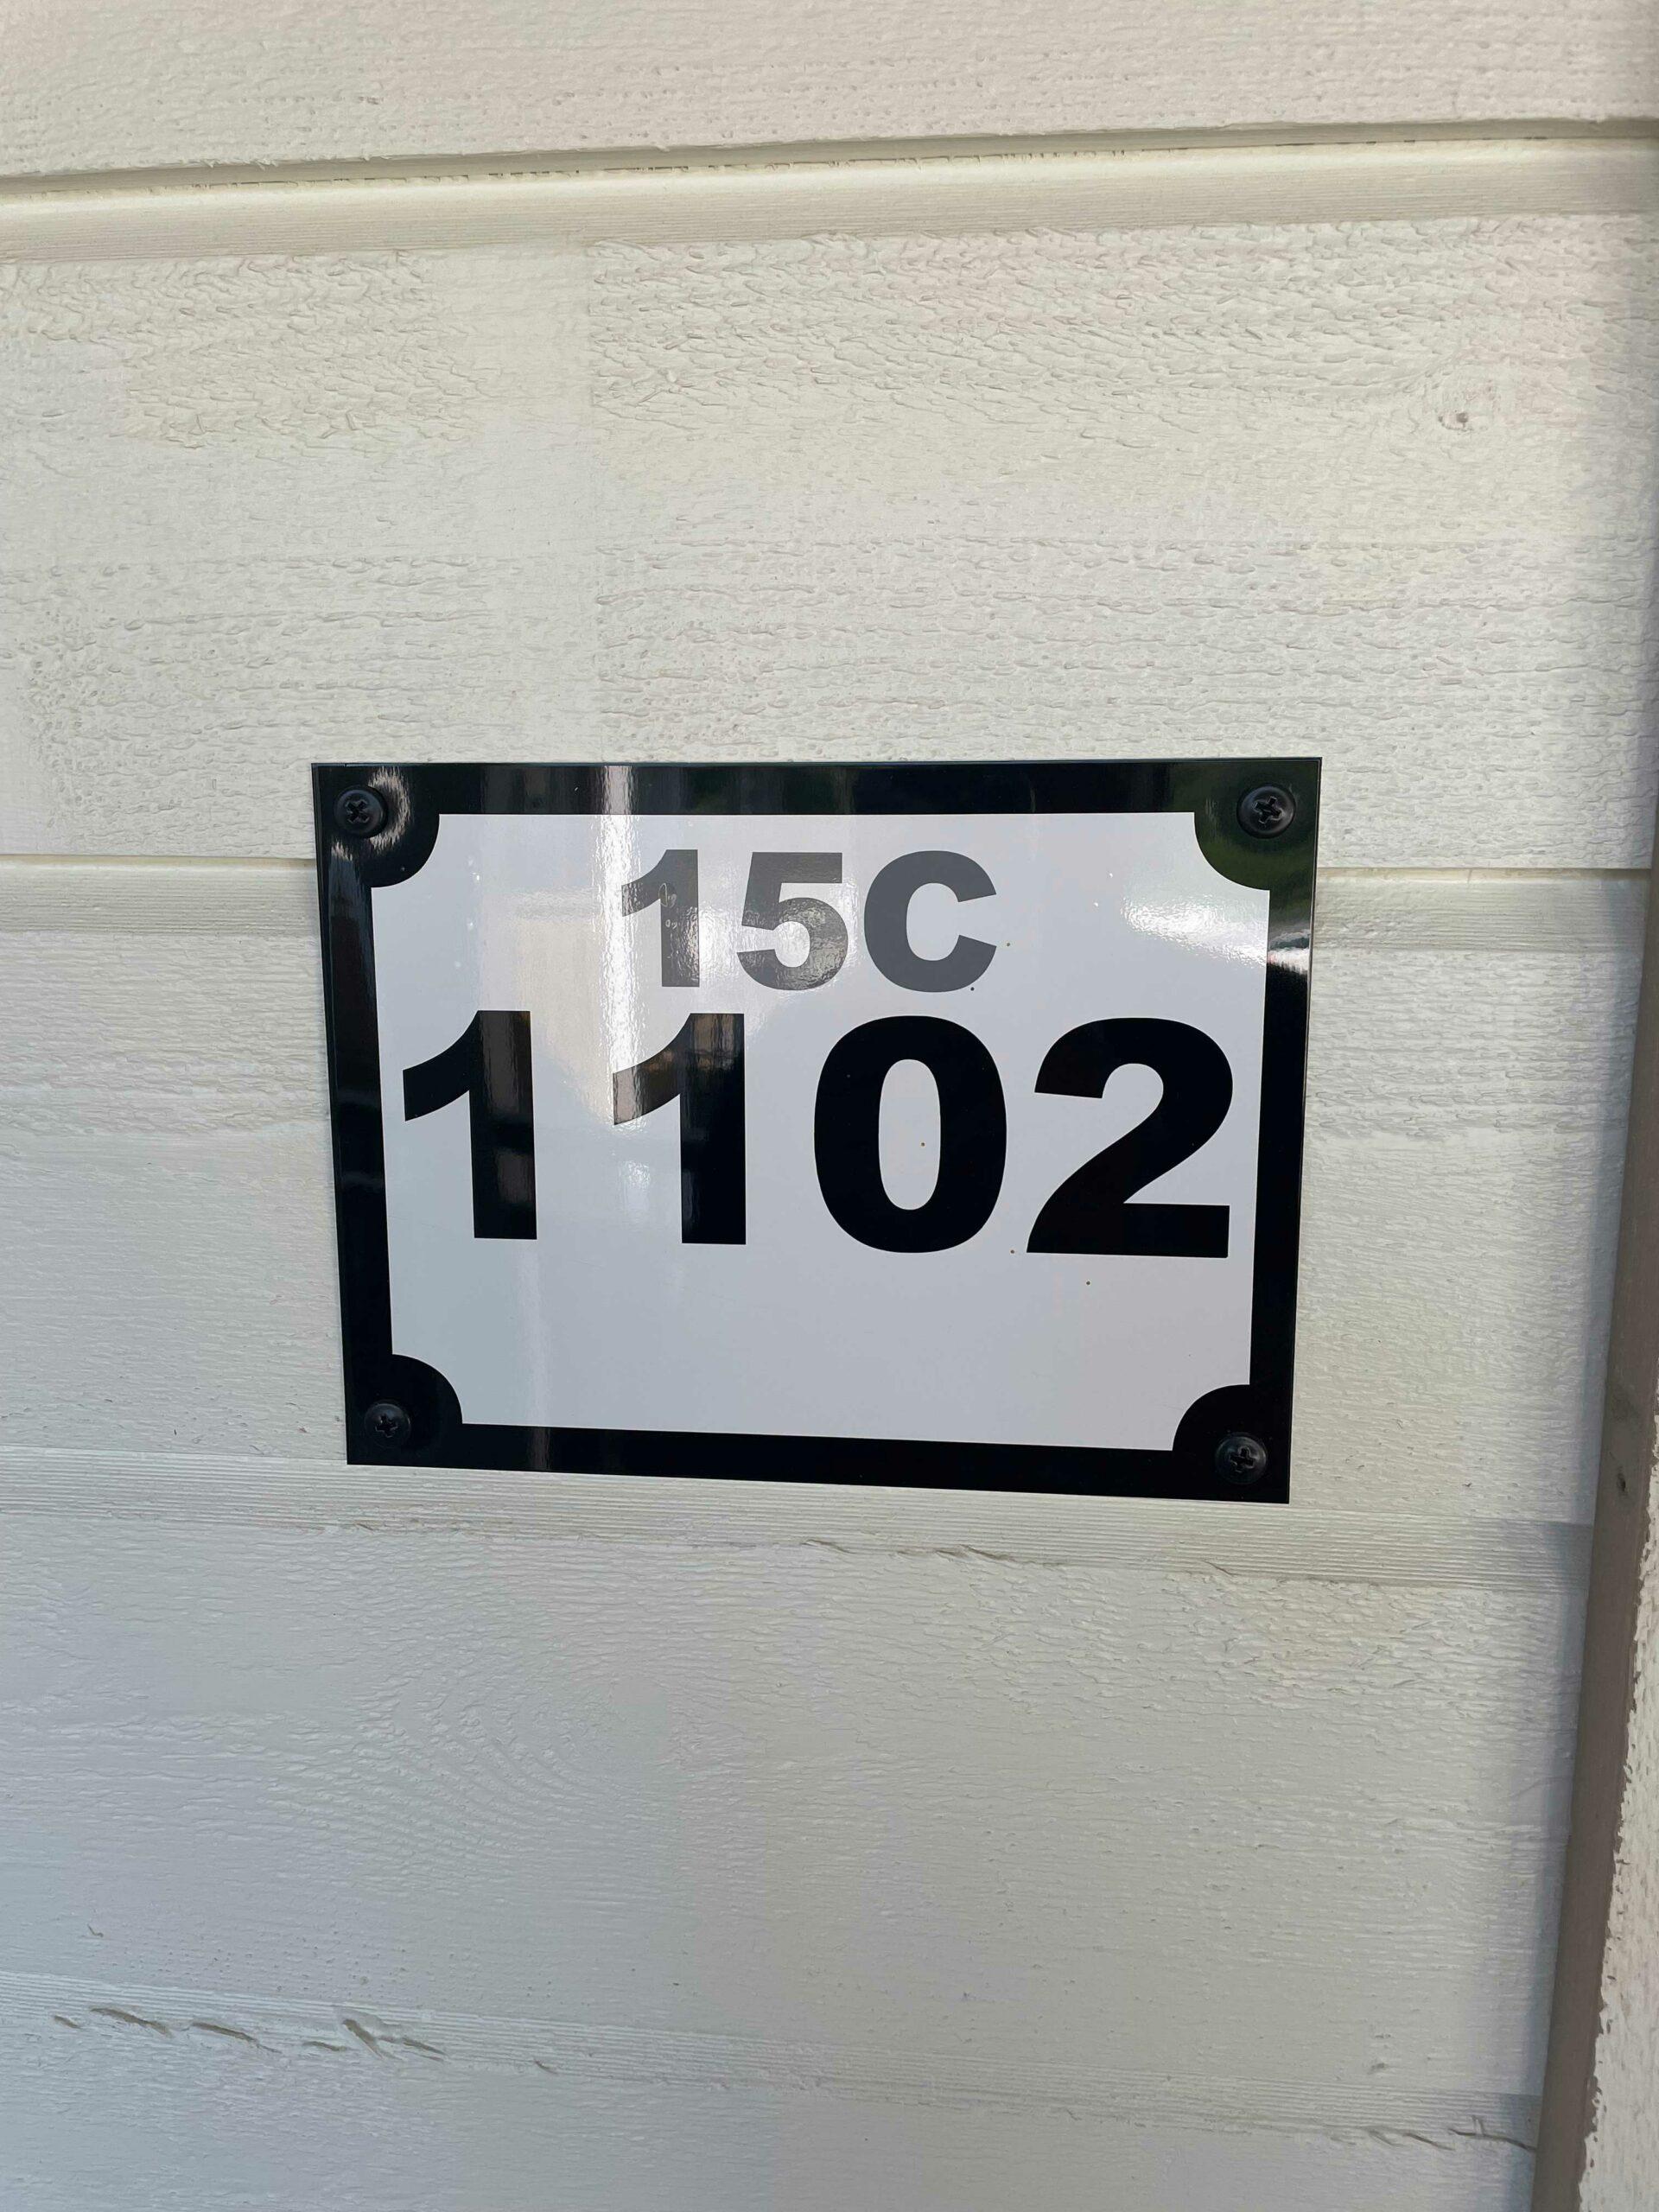 Mejselv15C-1102-skylt